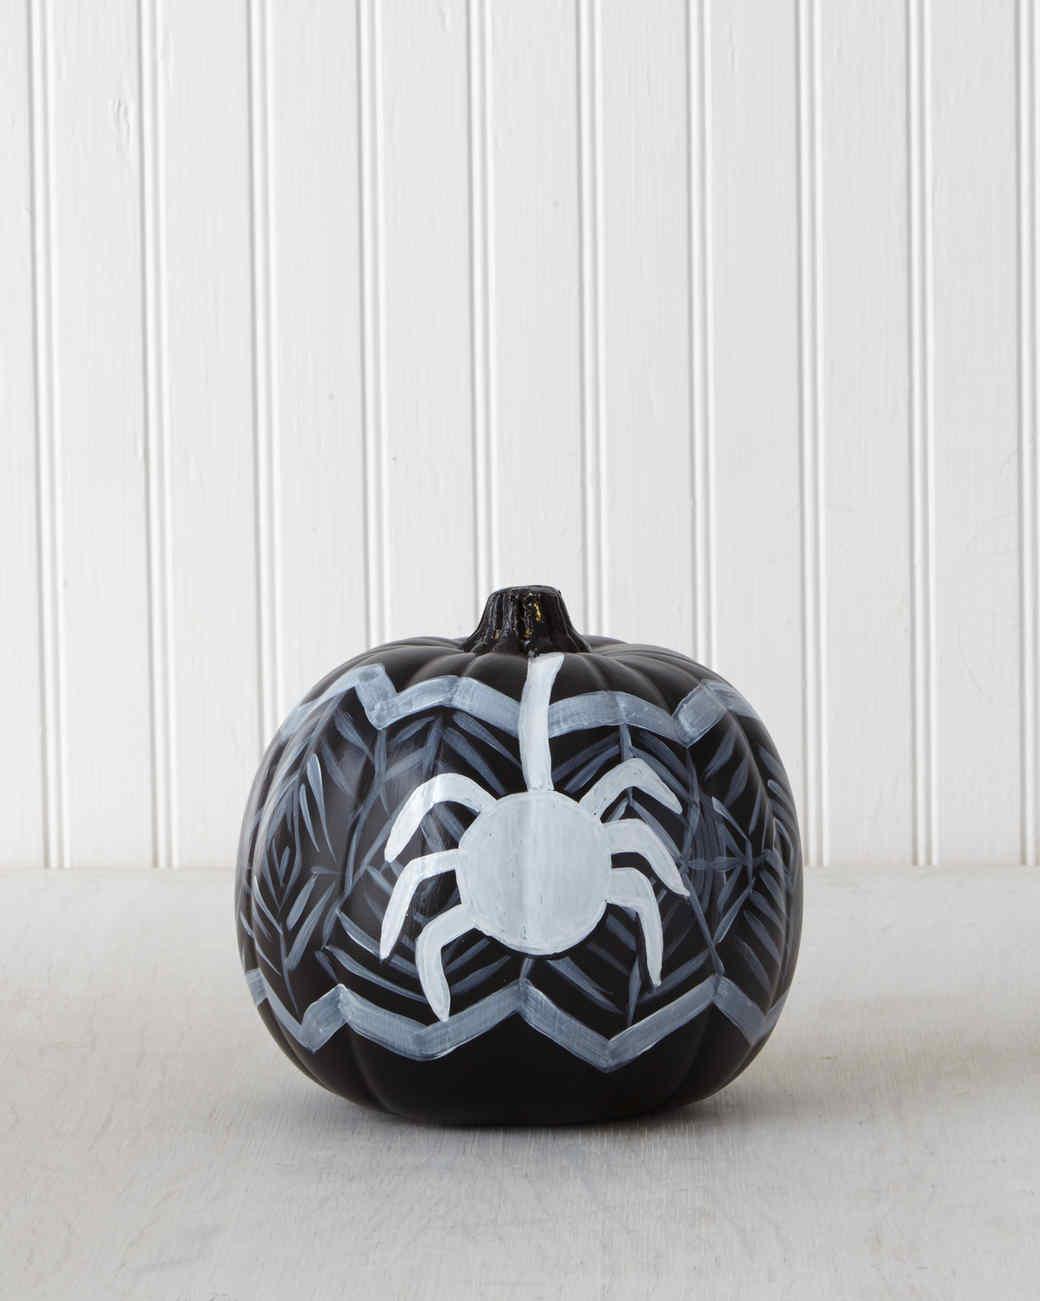 mscrafts-plaid-spider-mrkt-0914.jpg